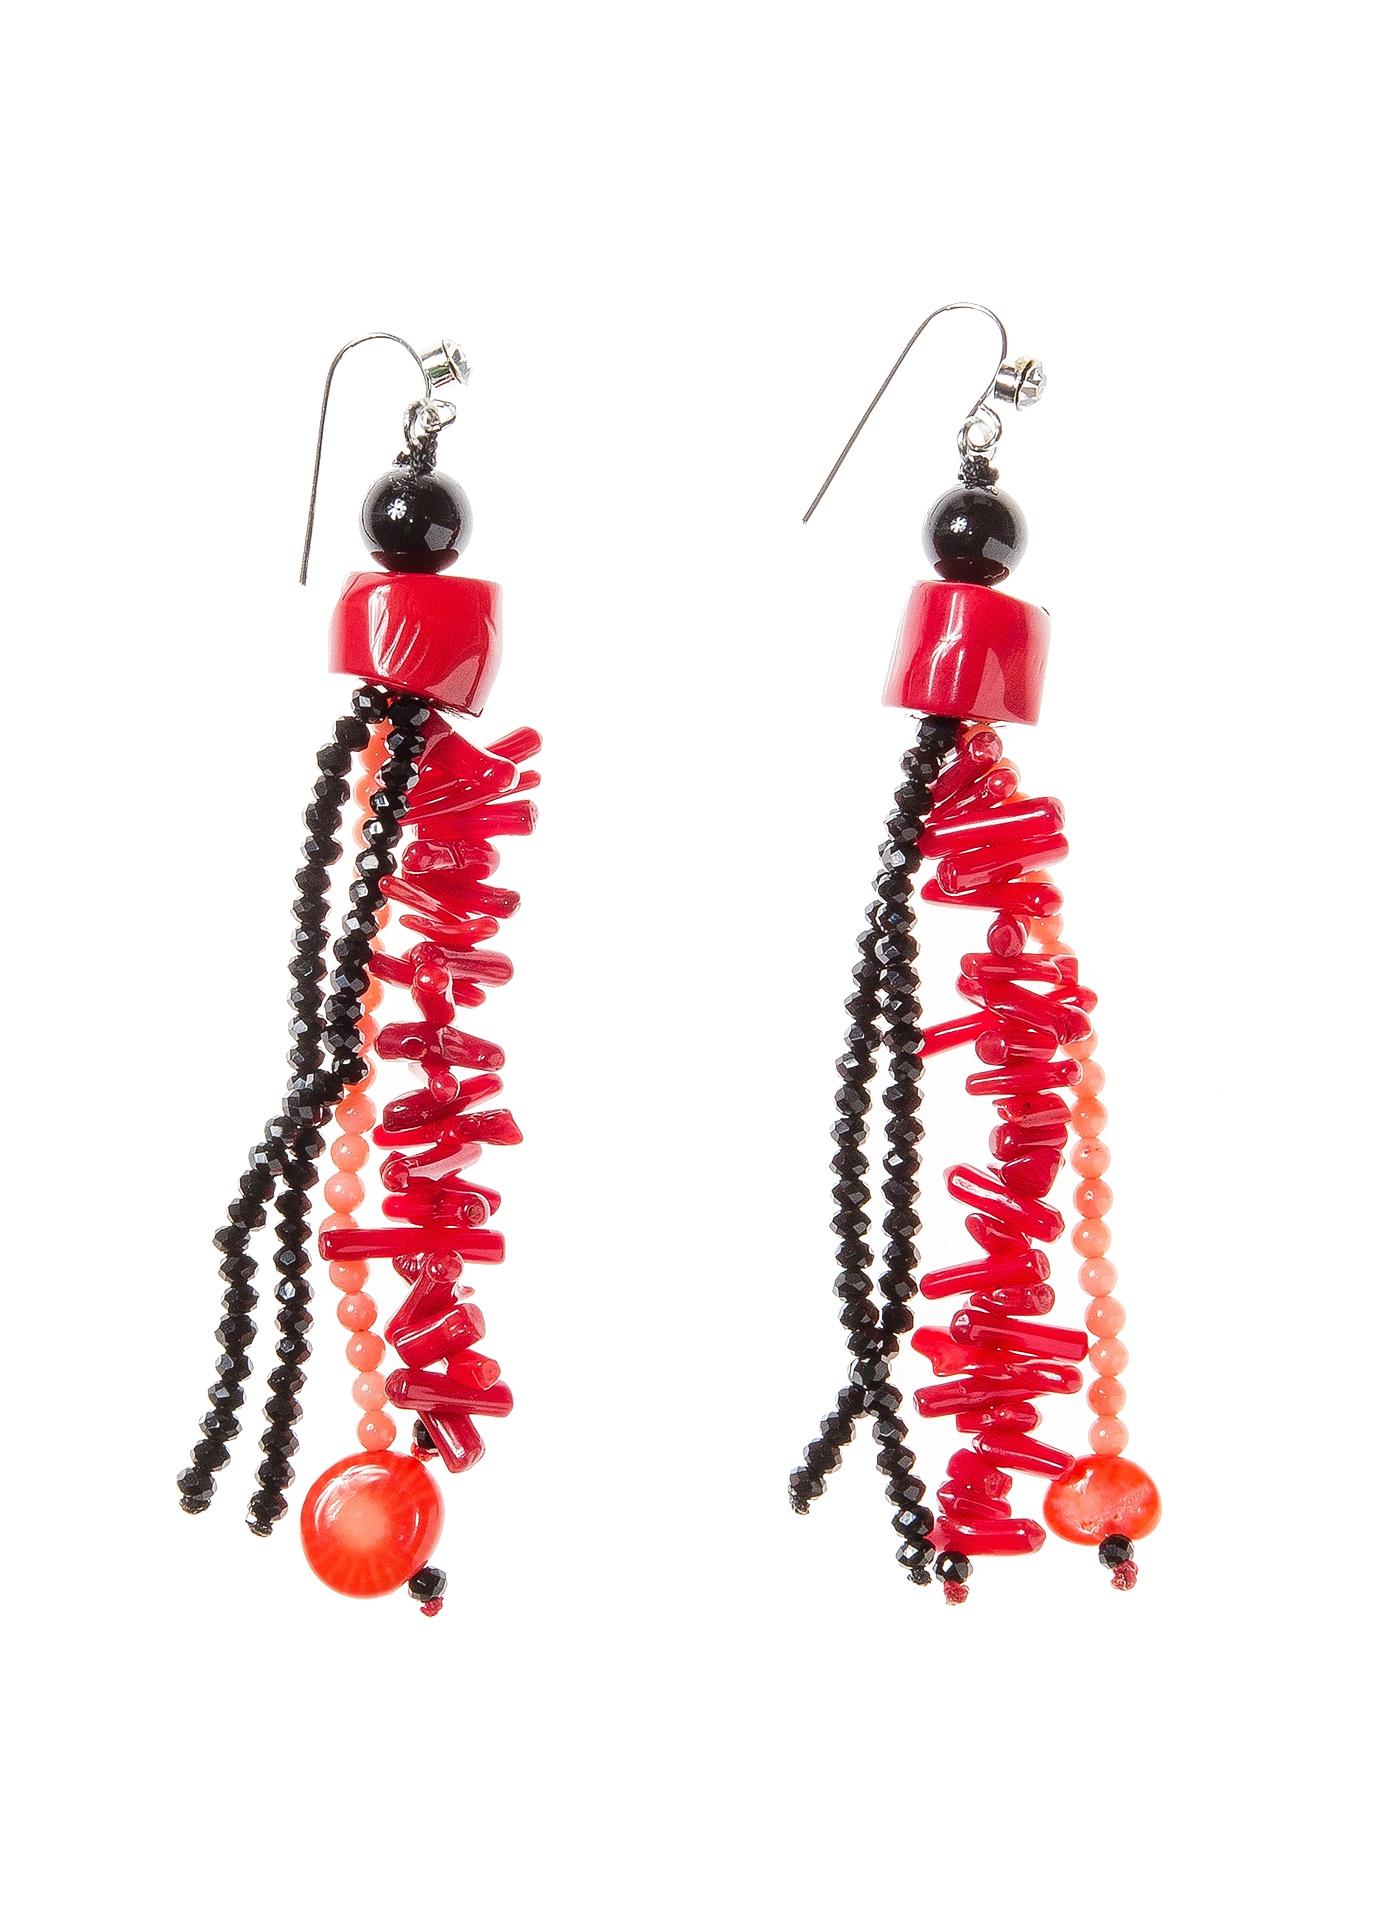 Серьги Kameo-bis ER809024, цвет: бордовый, черныйER809024Размер 9 х 1,2 см. Состав: коралл, черный оникс, кристаллы, стразы, сплав на основе латуни